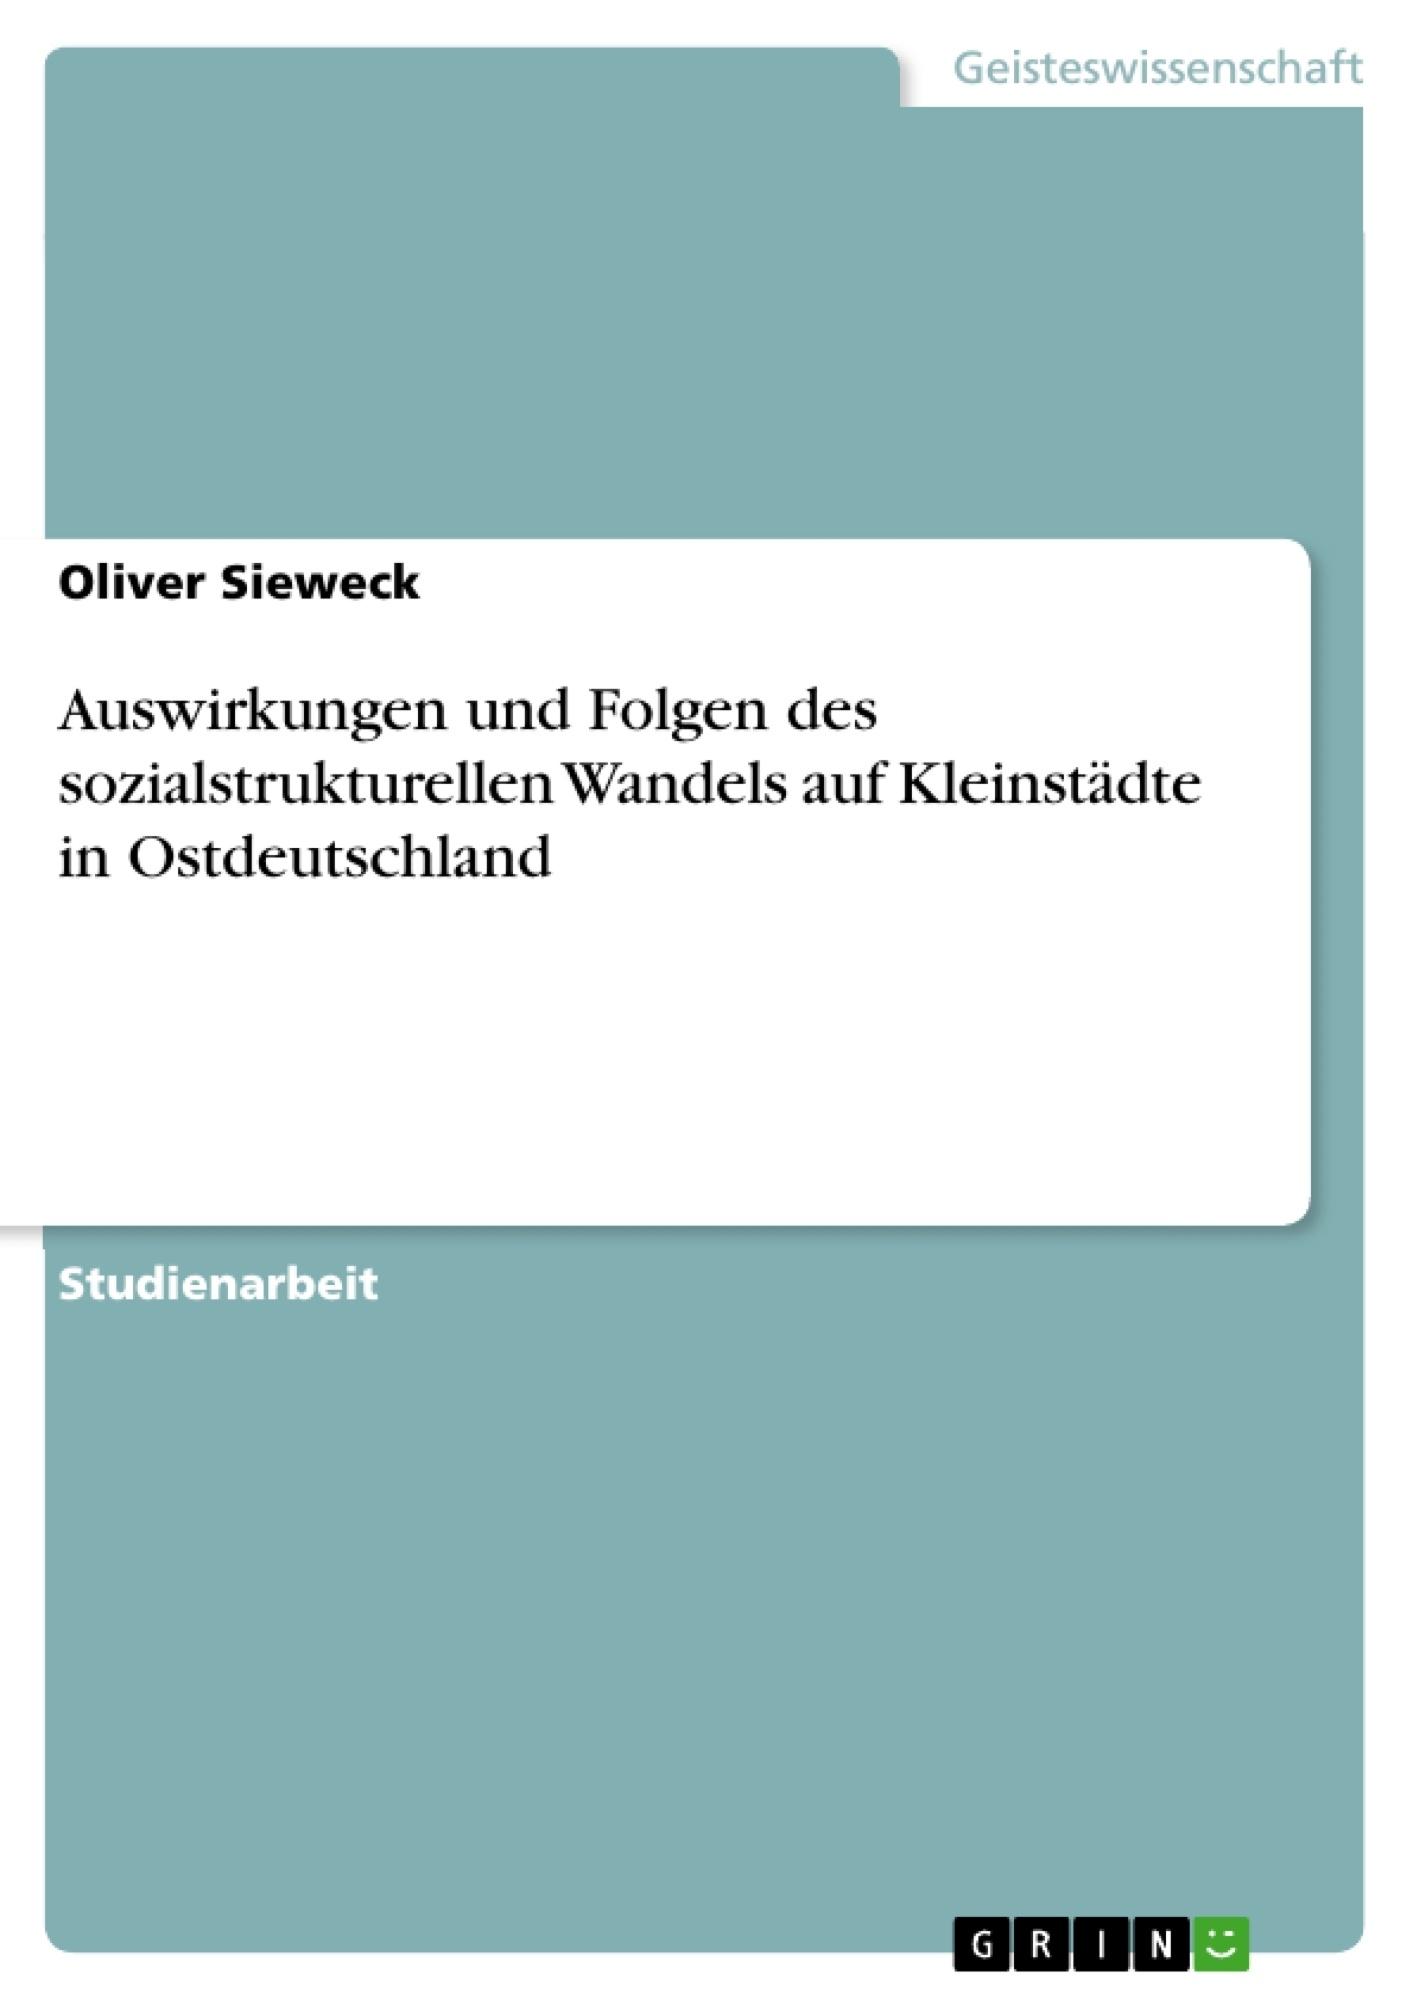 Titel: Auswirkungen und Folgen des sozialstrukturellen Wandels auf Kleinstädte in Ostdeutschland